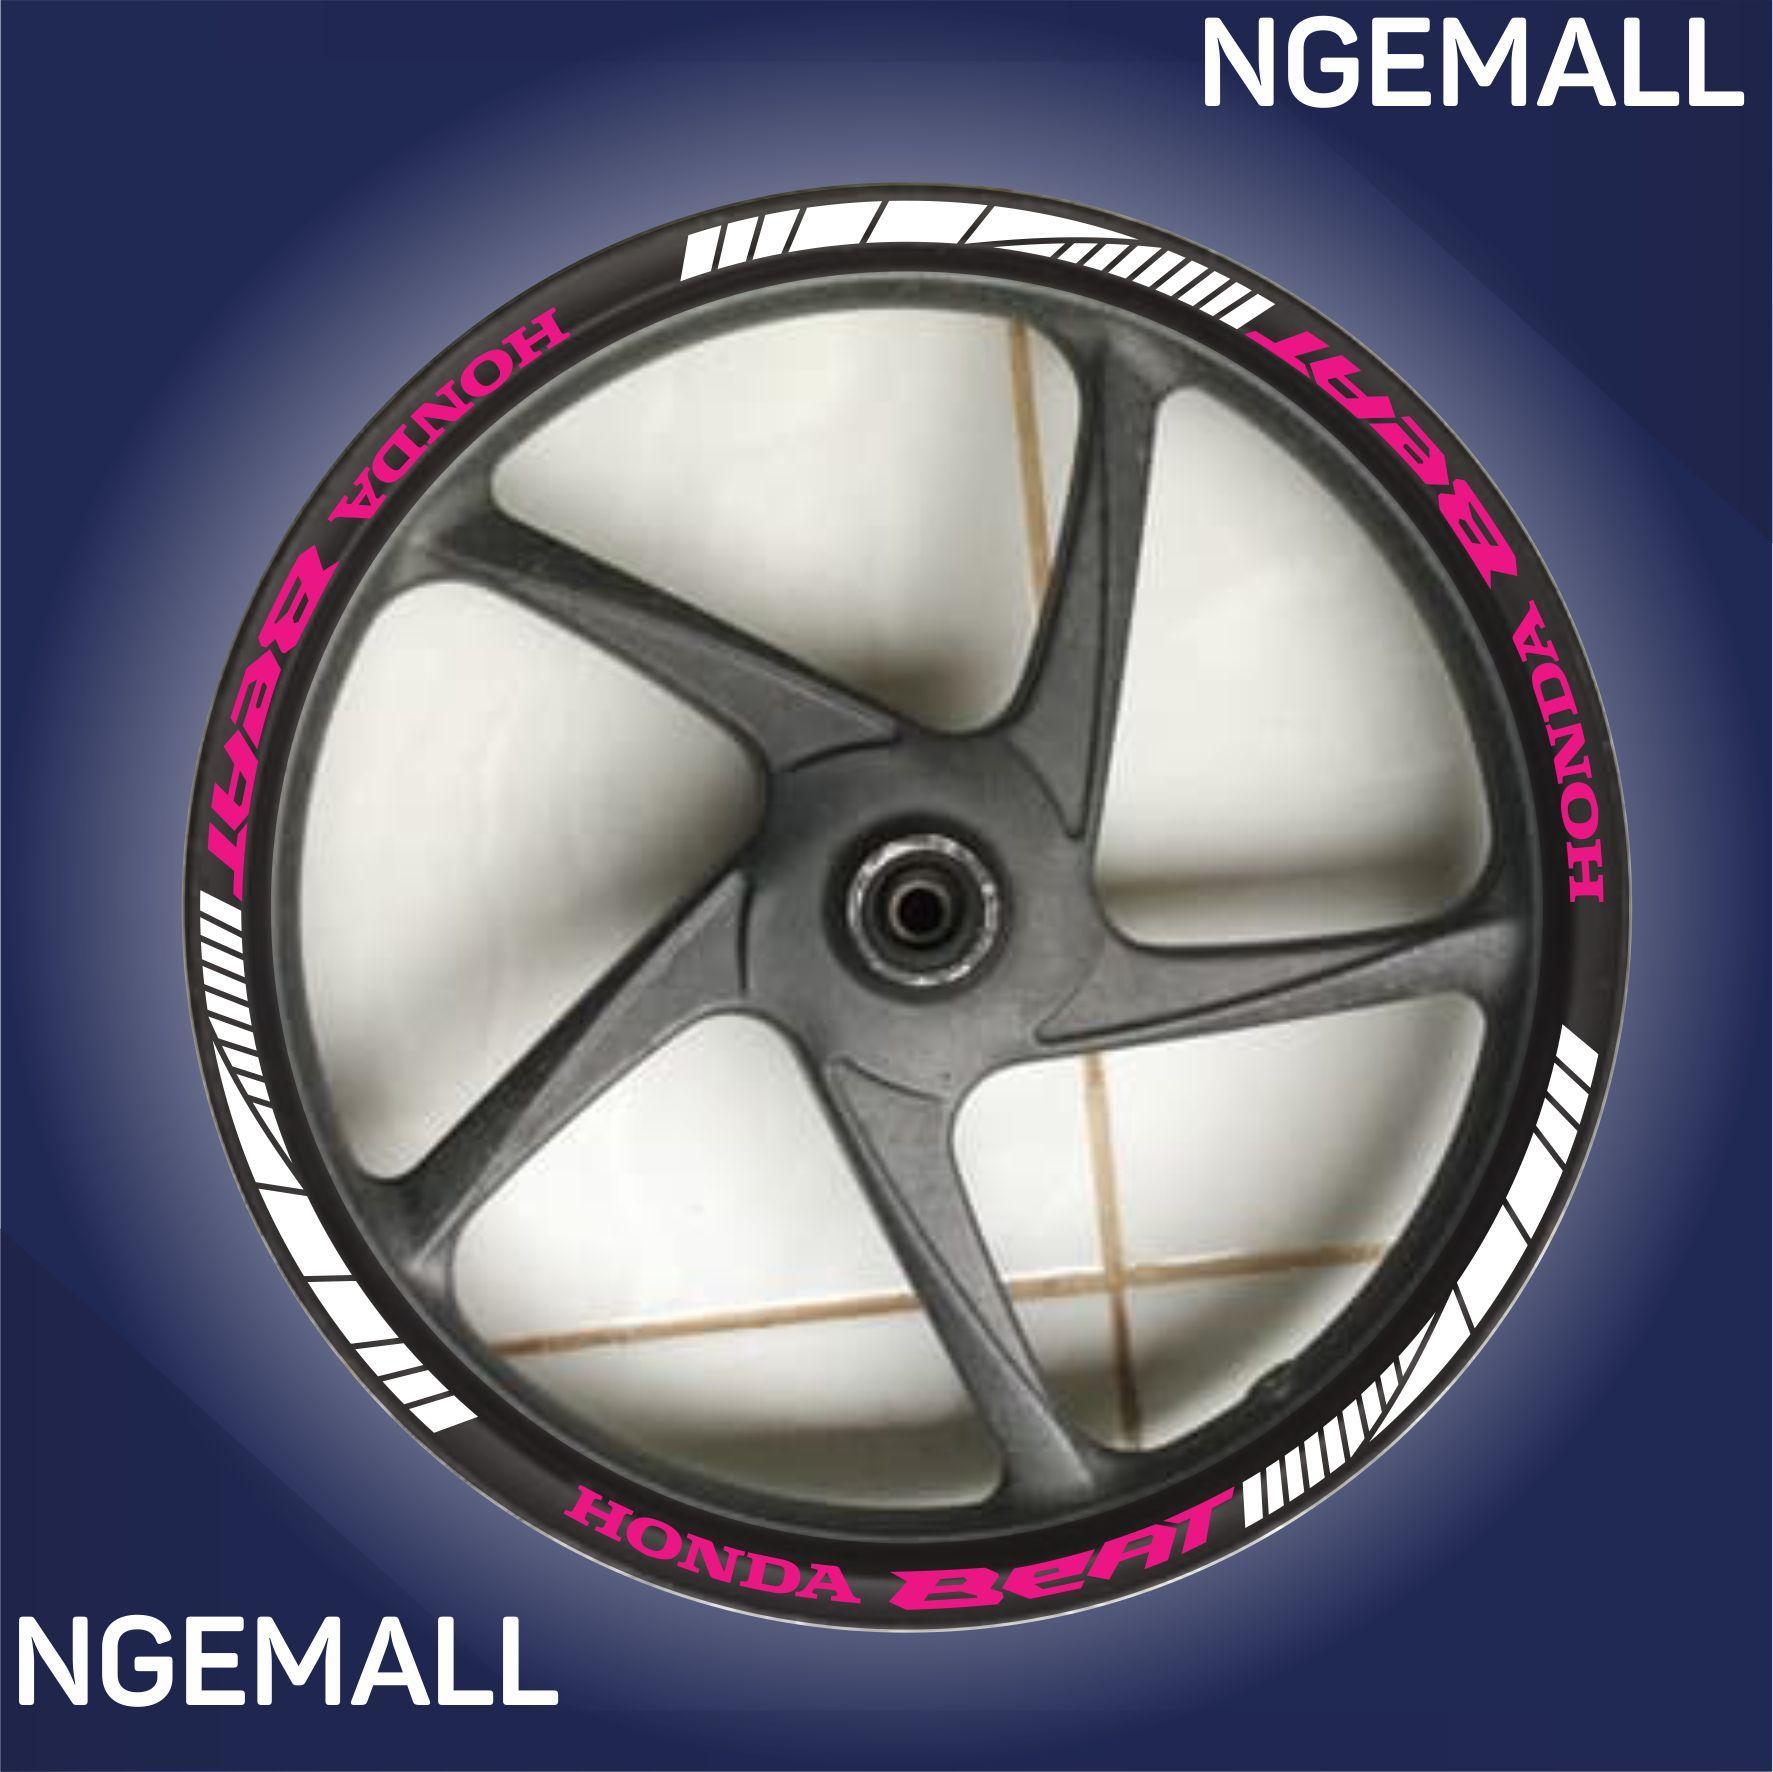 Ngemall - Aksesoris Motor Stiker Cutting 3 Velg Honda Beat - Putih Kombinasi Pink - Ngemall